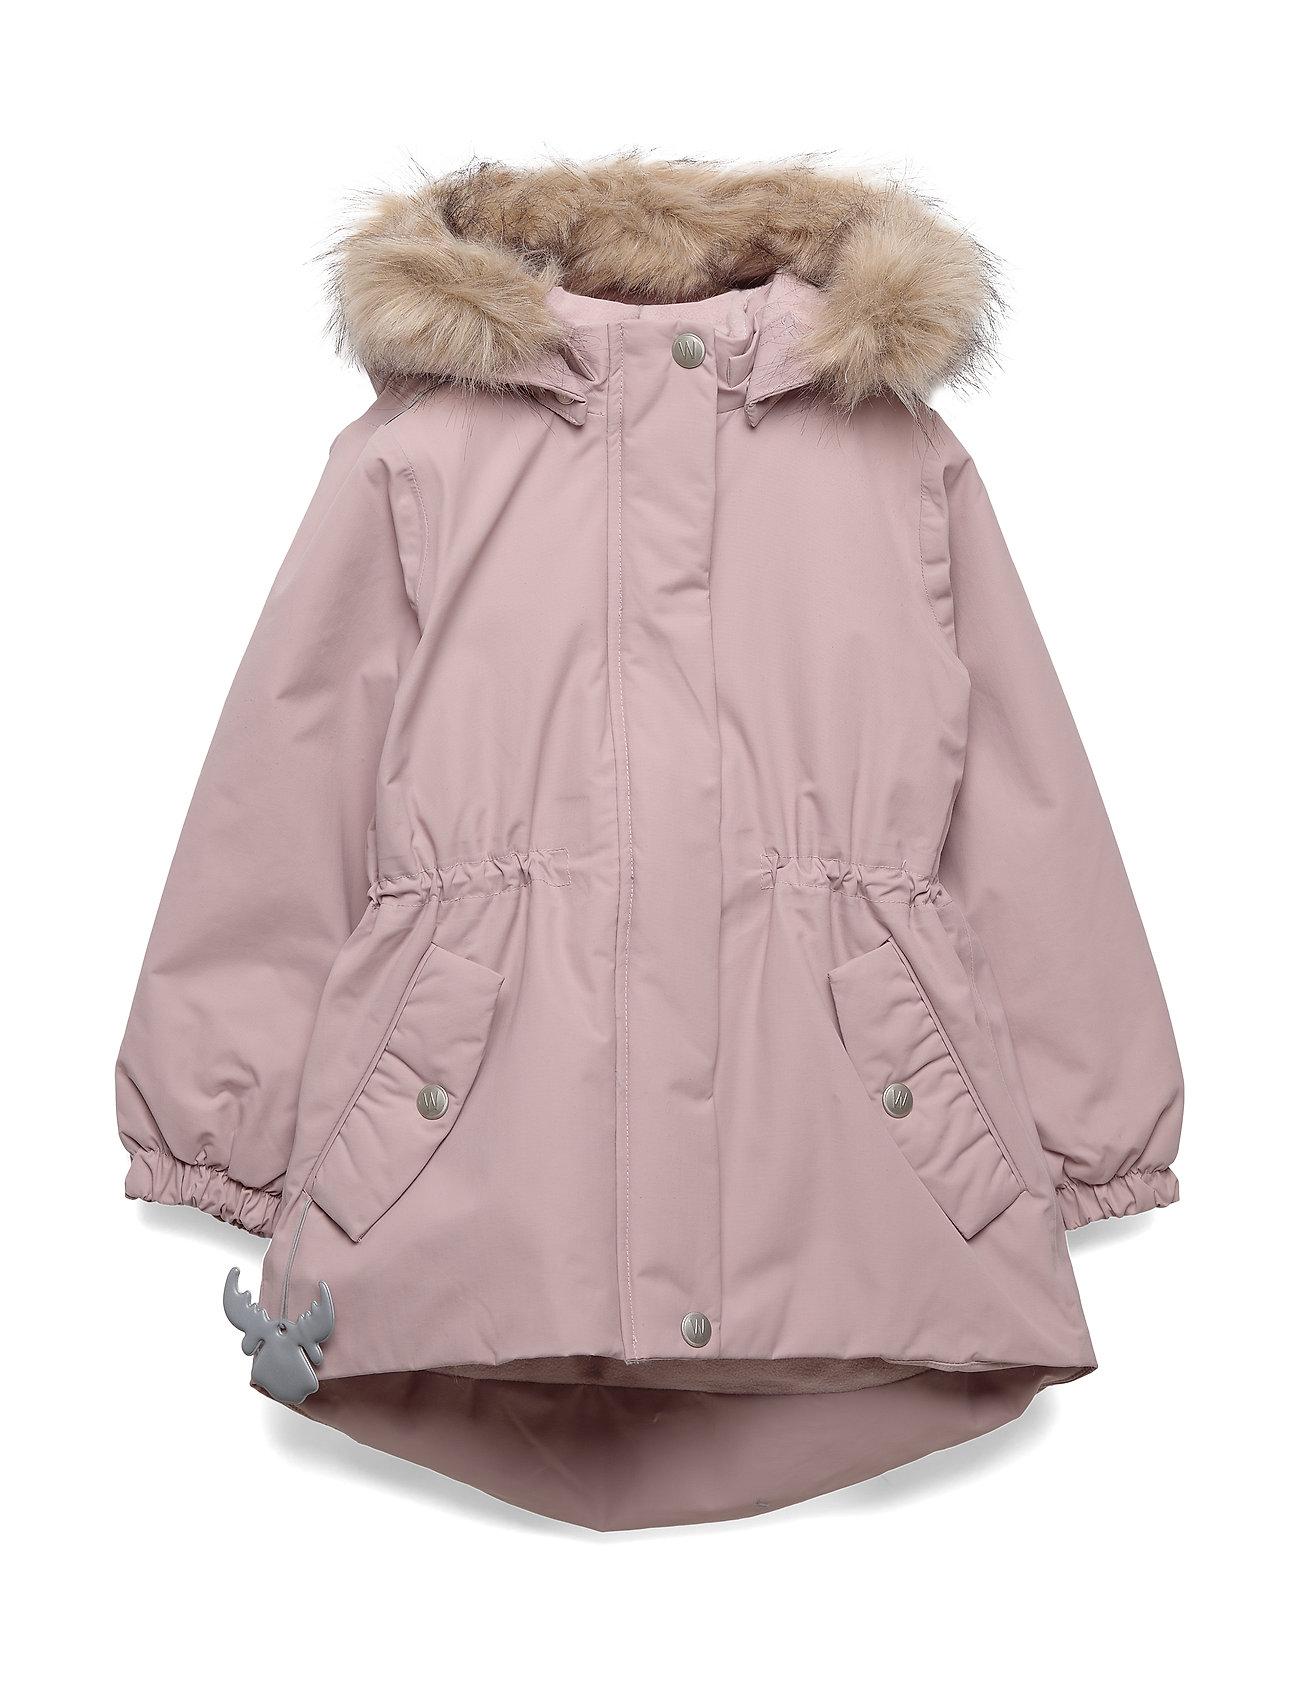 Wheat Jacket Mona - ROSE POWDER